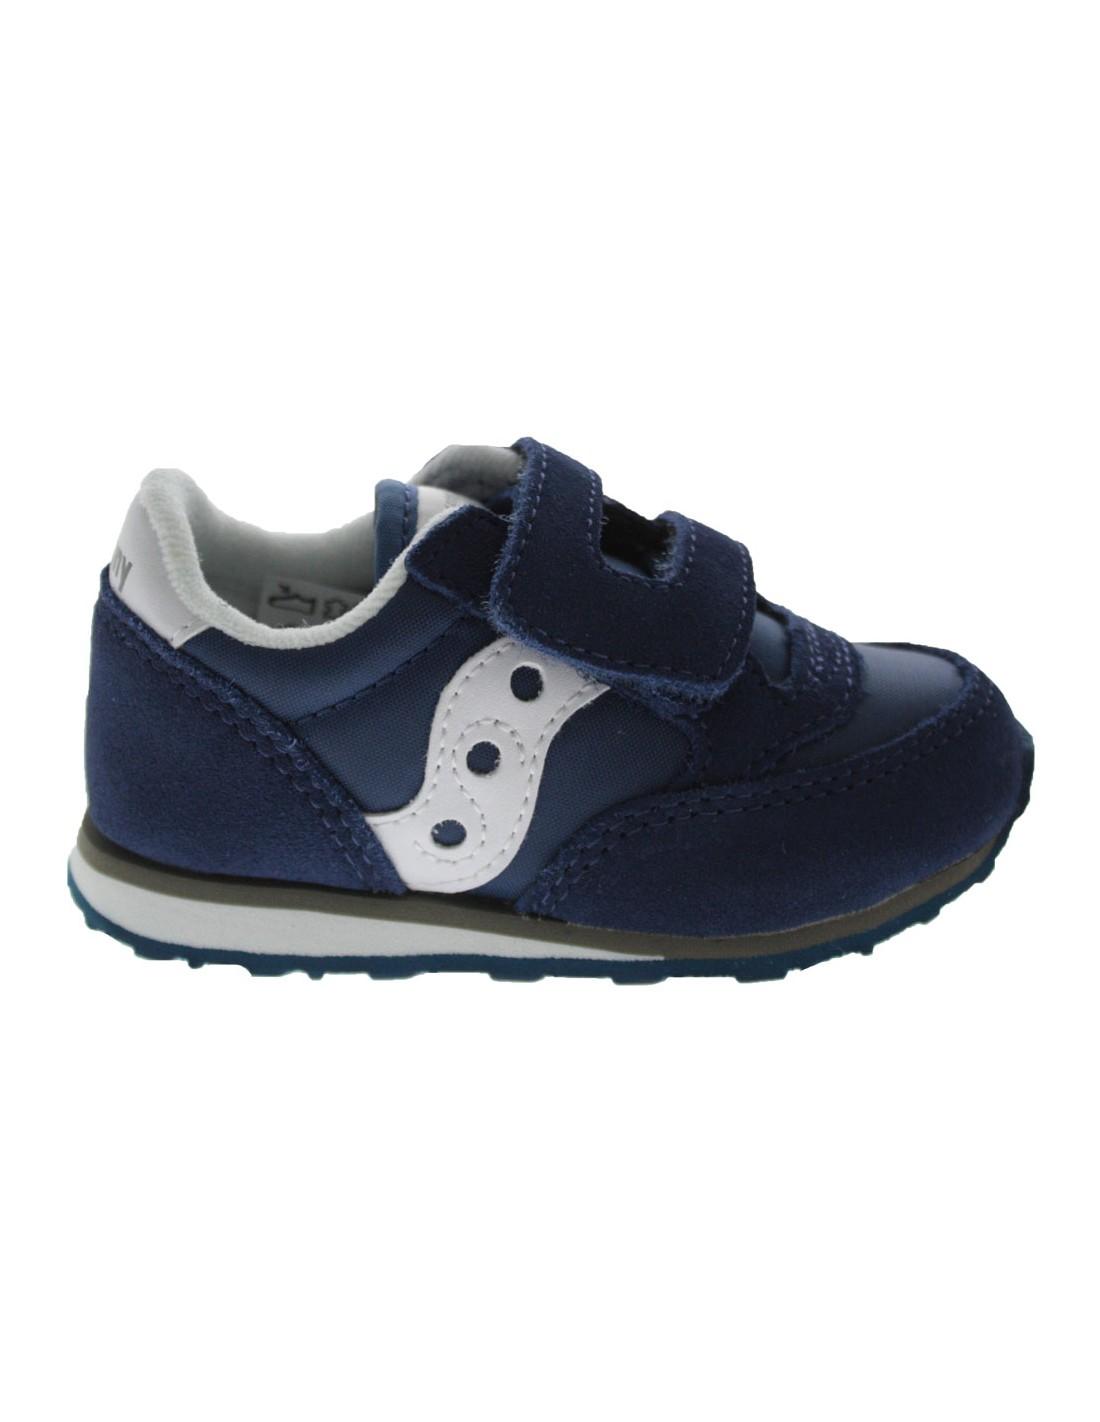 fashion style arriva prese di fabbrica Scarpe Saucony Jazz baby bambino strappi blu